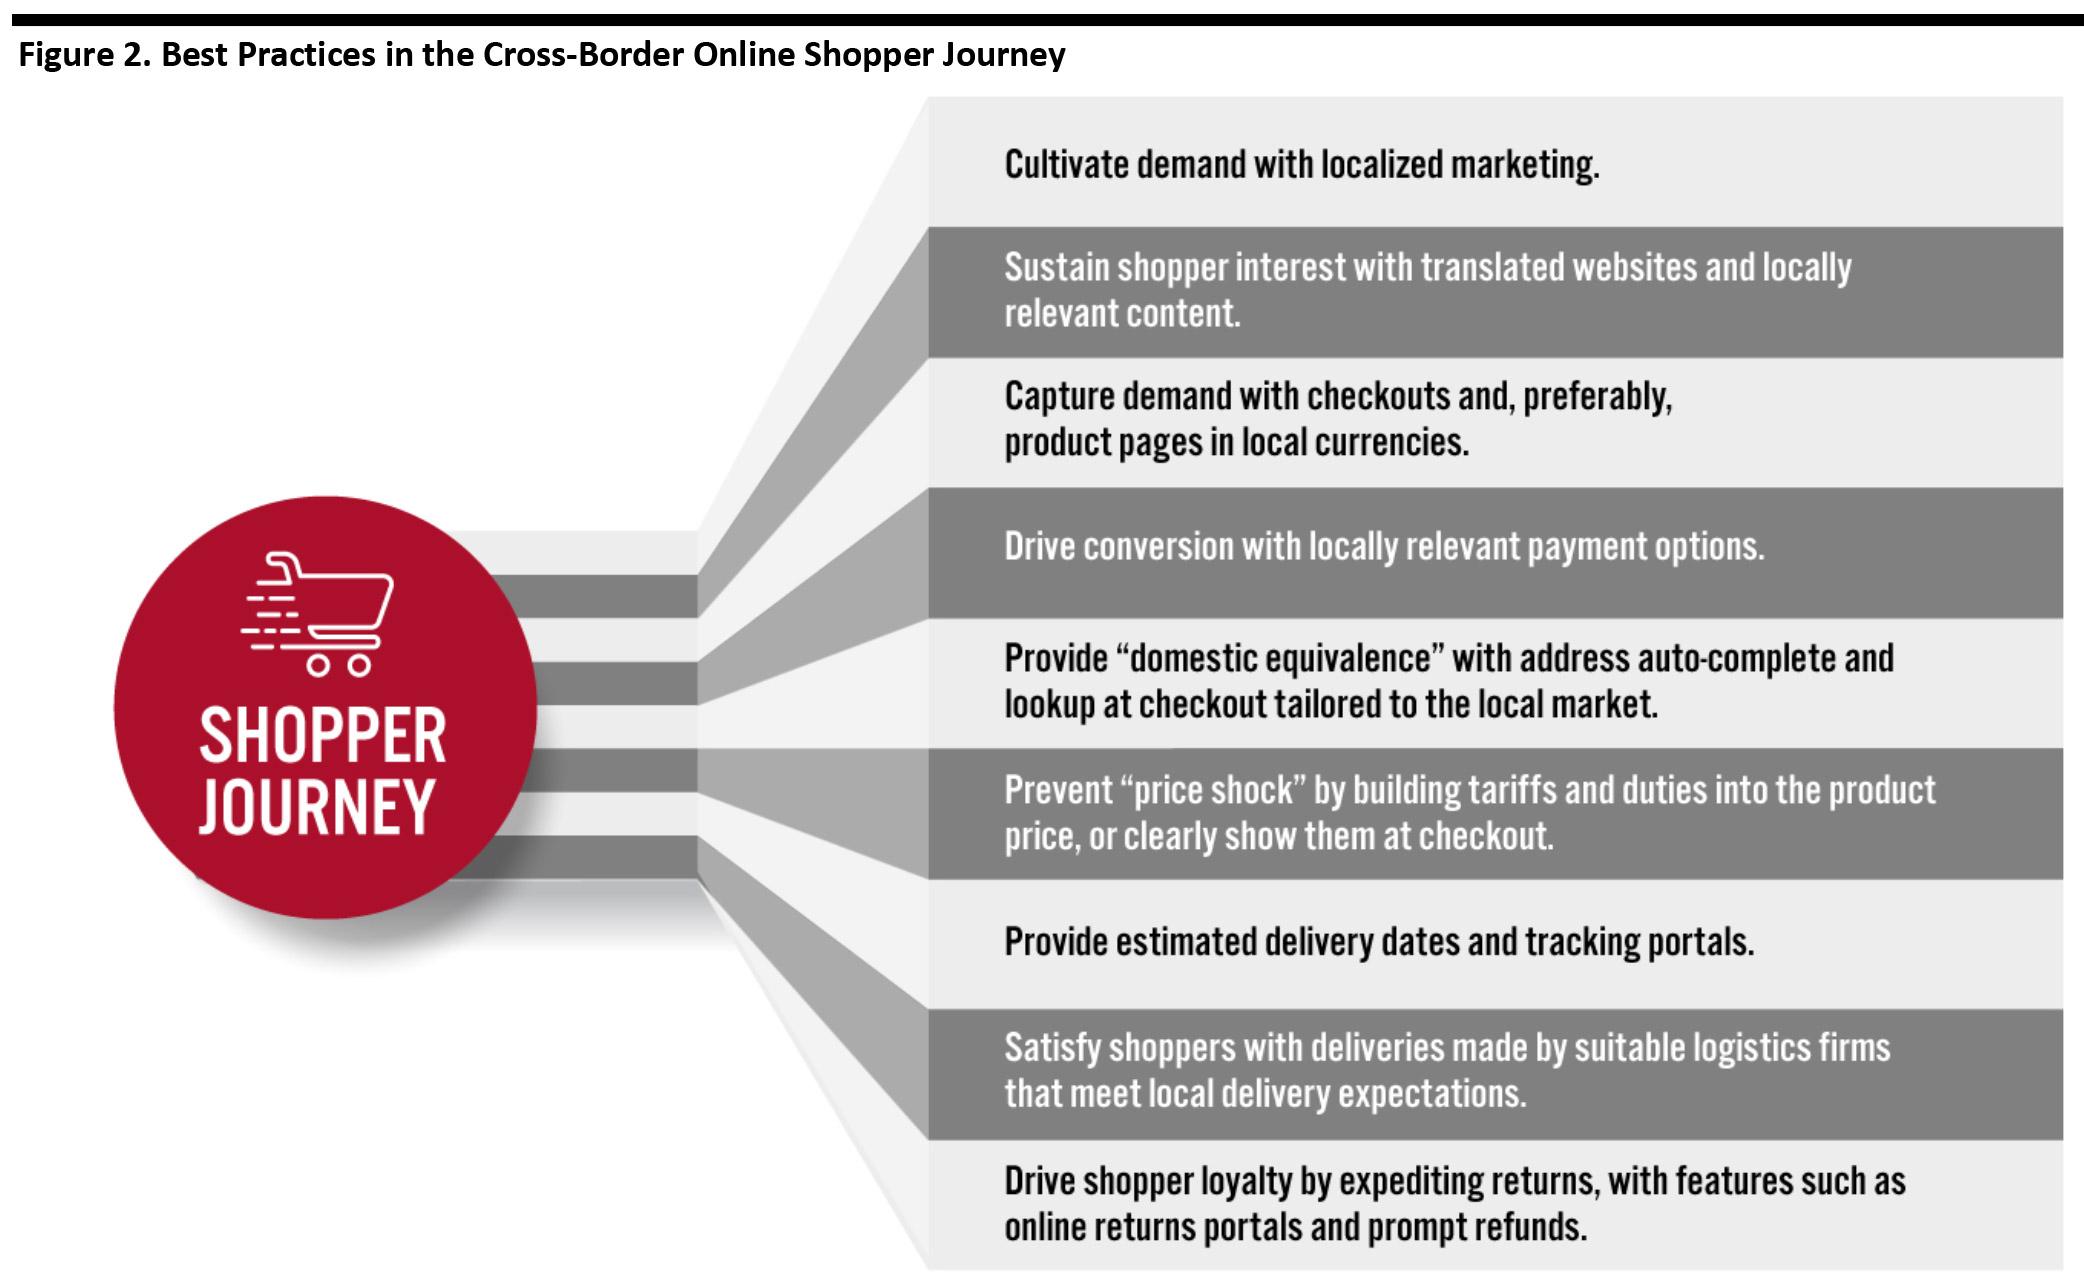 Figure 2. Best Practices in the Cross-Border Online Shopper Journey